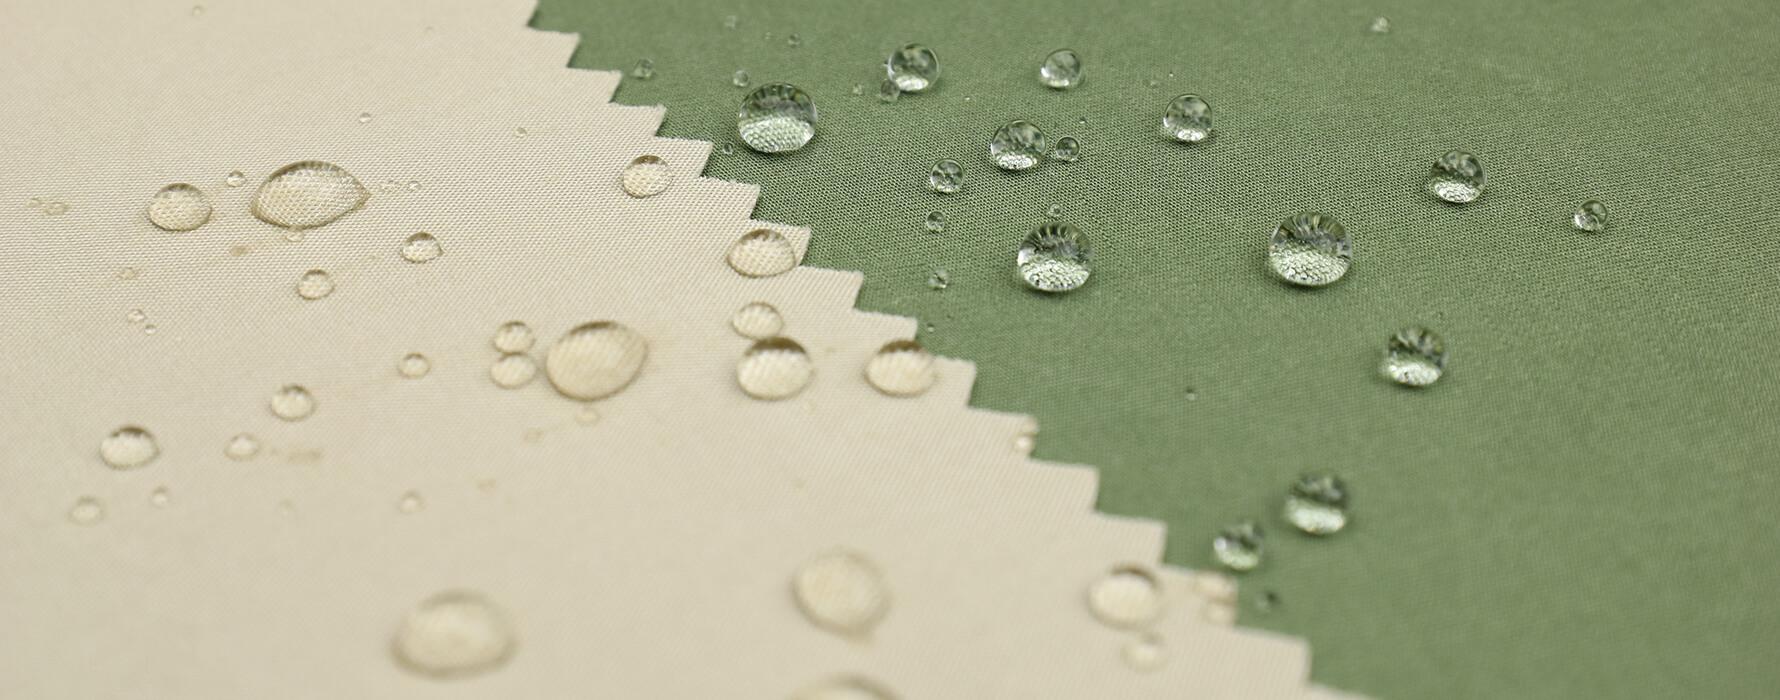 Bonded Fabrics & Lamination Fabrics